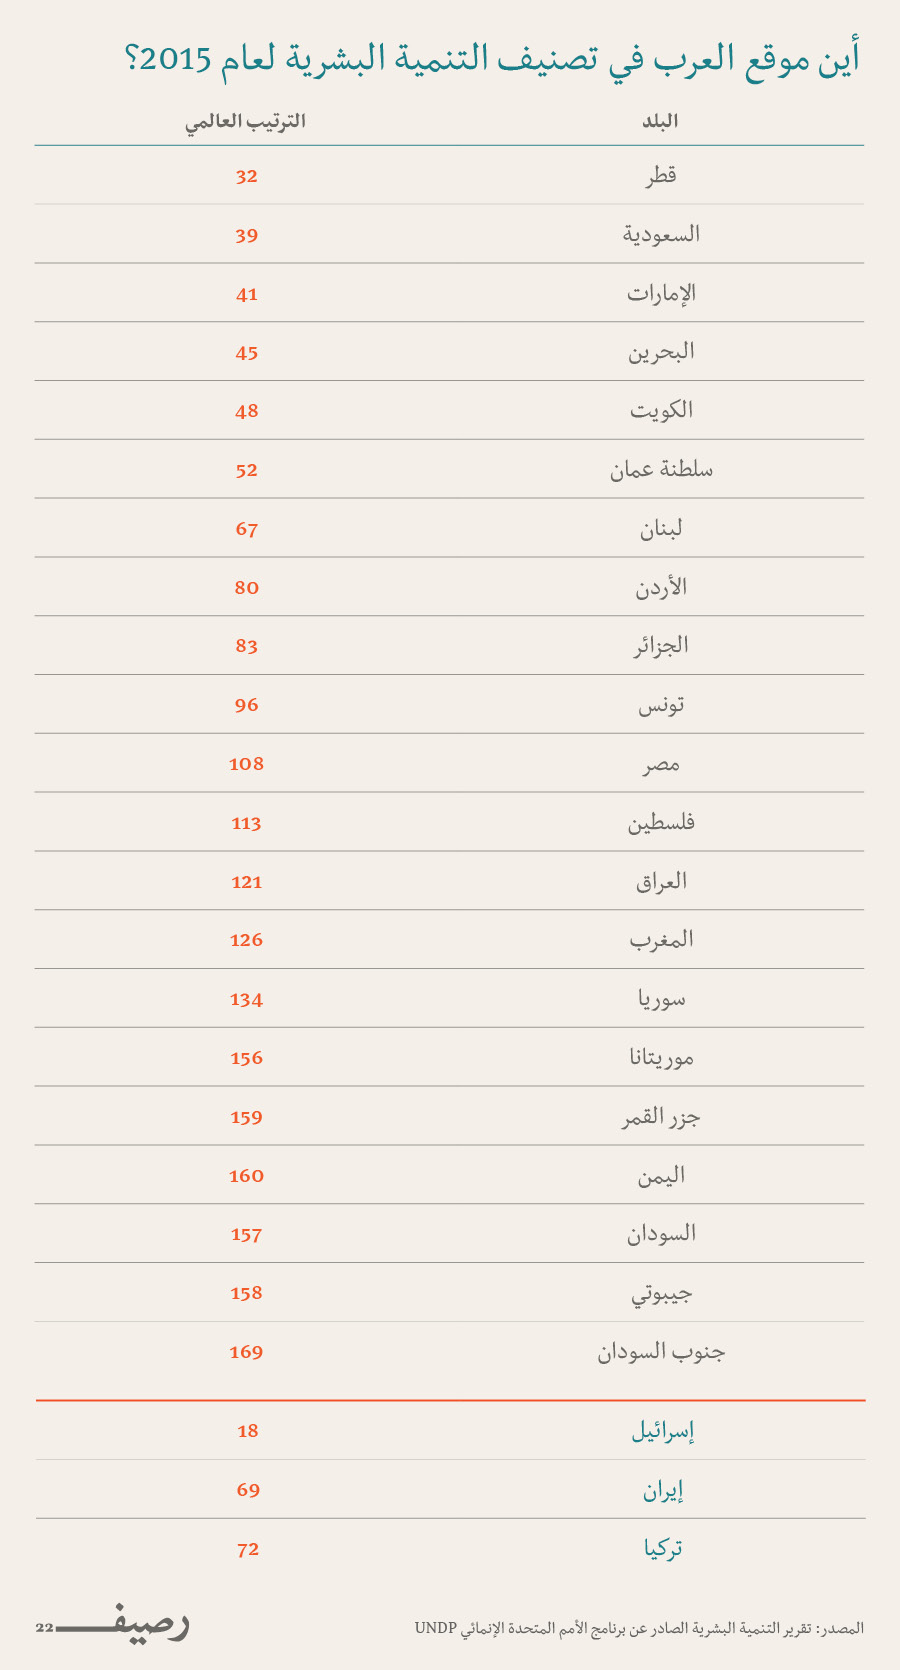 التنمية البشرية العربية - موقع العرب في تصنيف التنمي البشرية لعام 2015